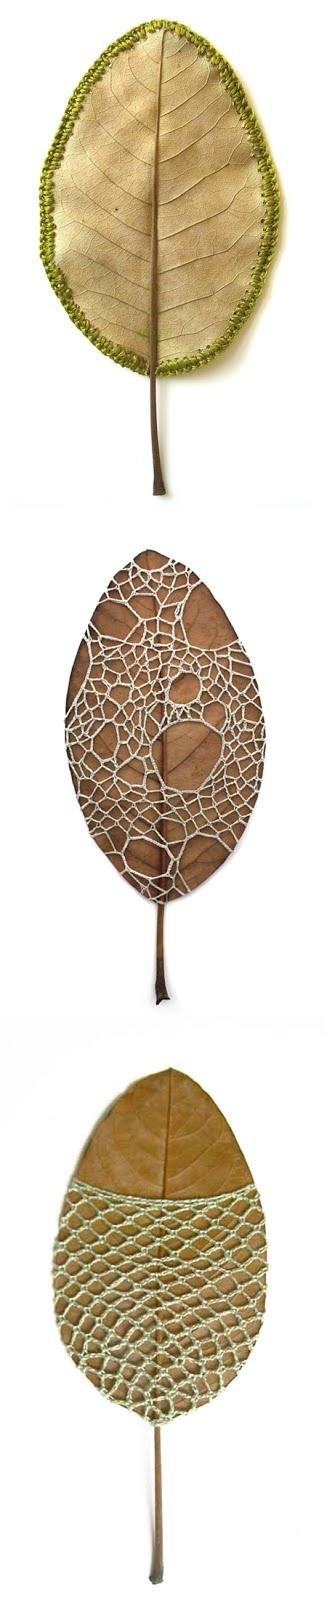 Crochet de Susanna Bauer em folhas secas, pedras e gravetos